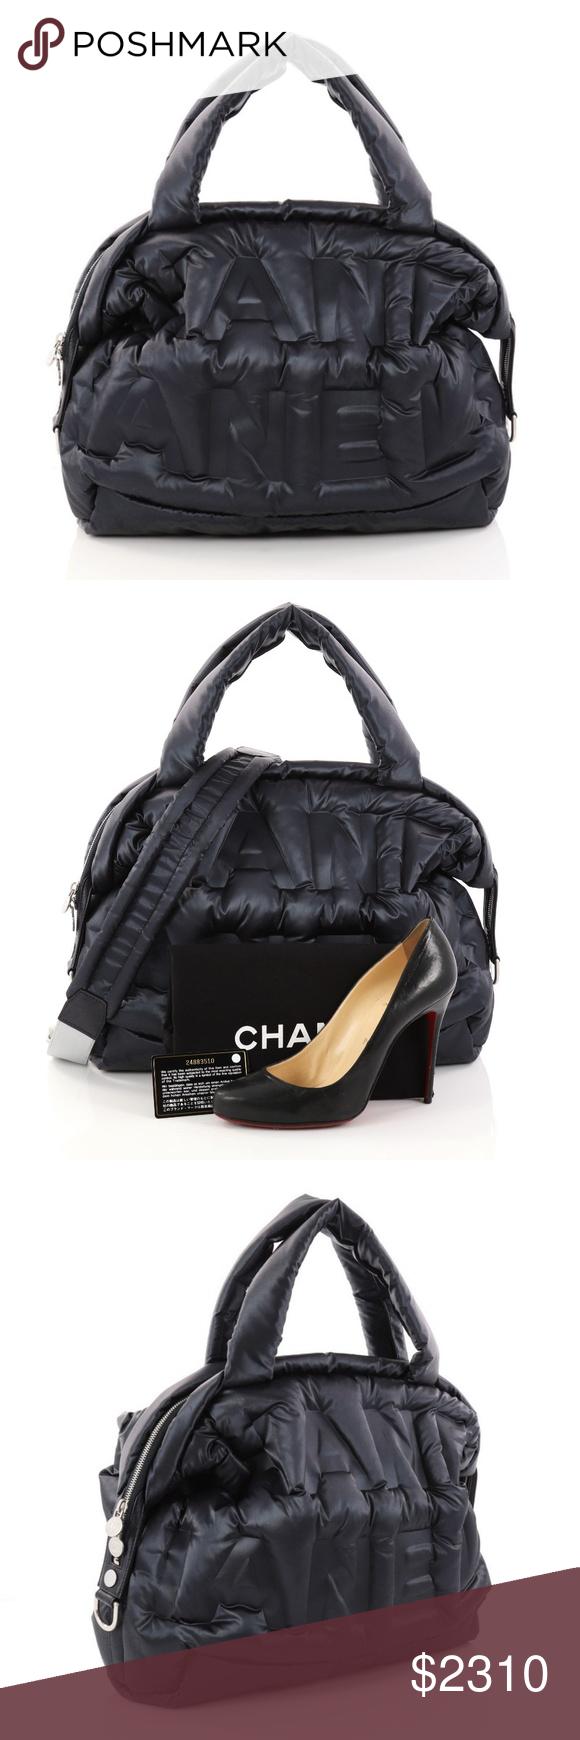 785299e0ca94 Chanel Logo Embossed Nylon Doudoune Backpack- Fenix Toulouse Handball